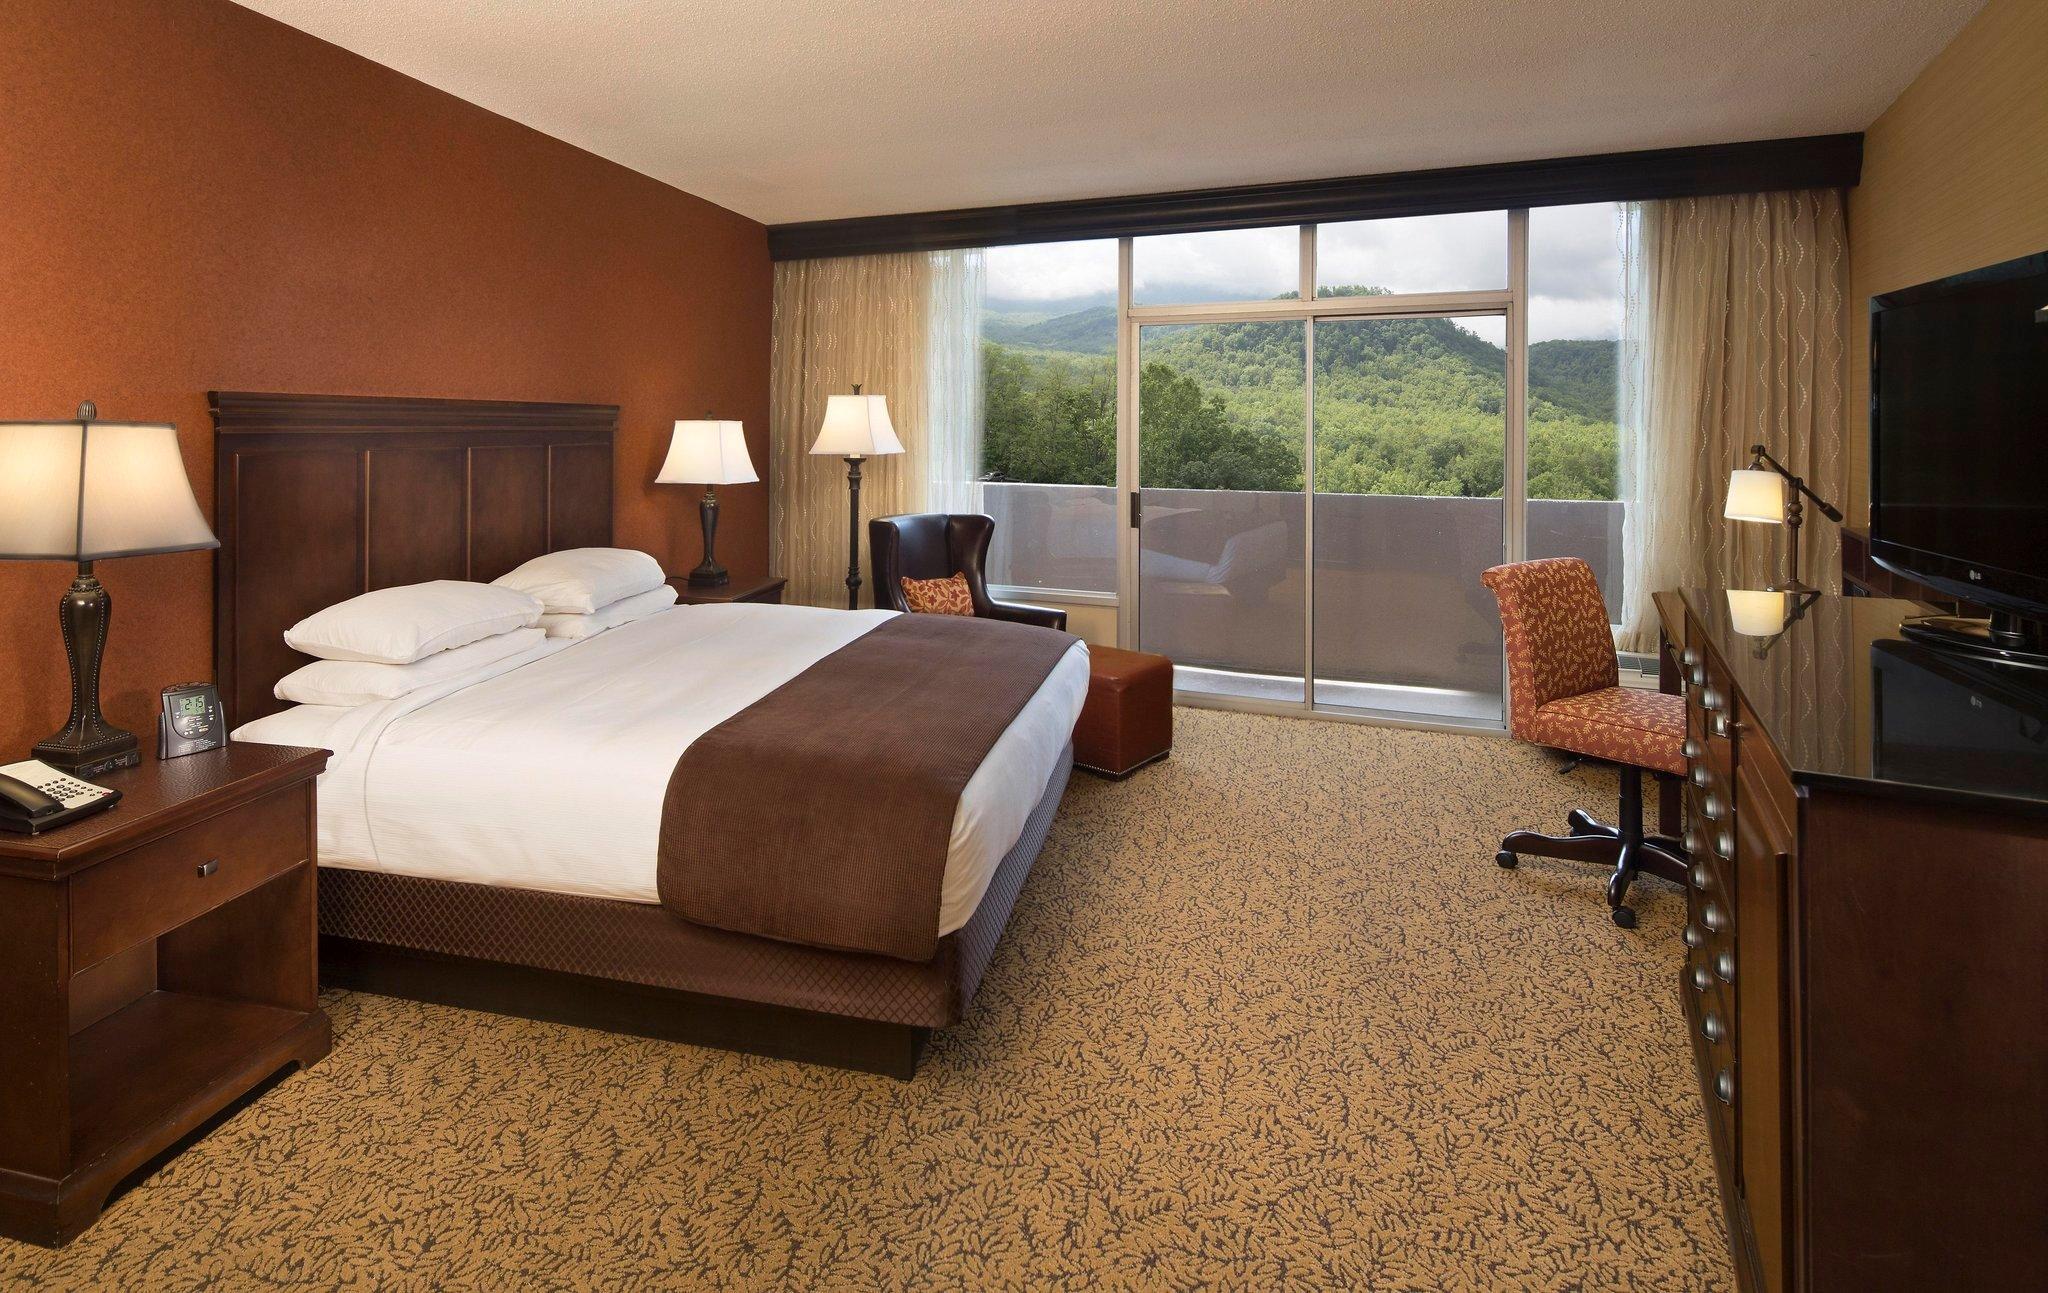 park-vista-hotel-room.jpg